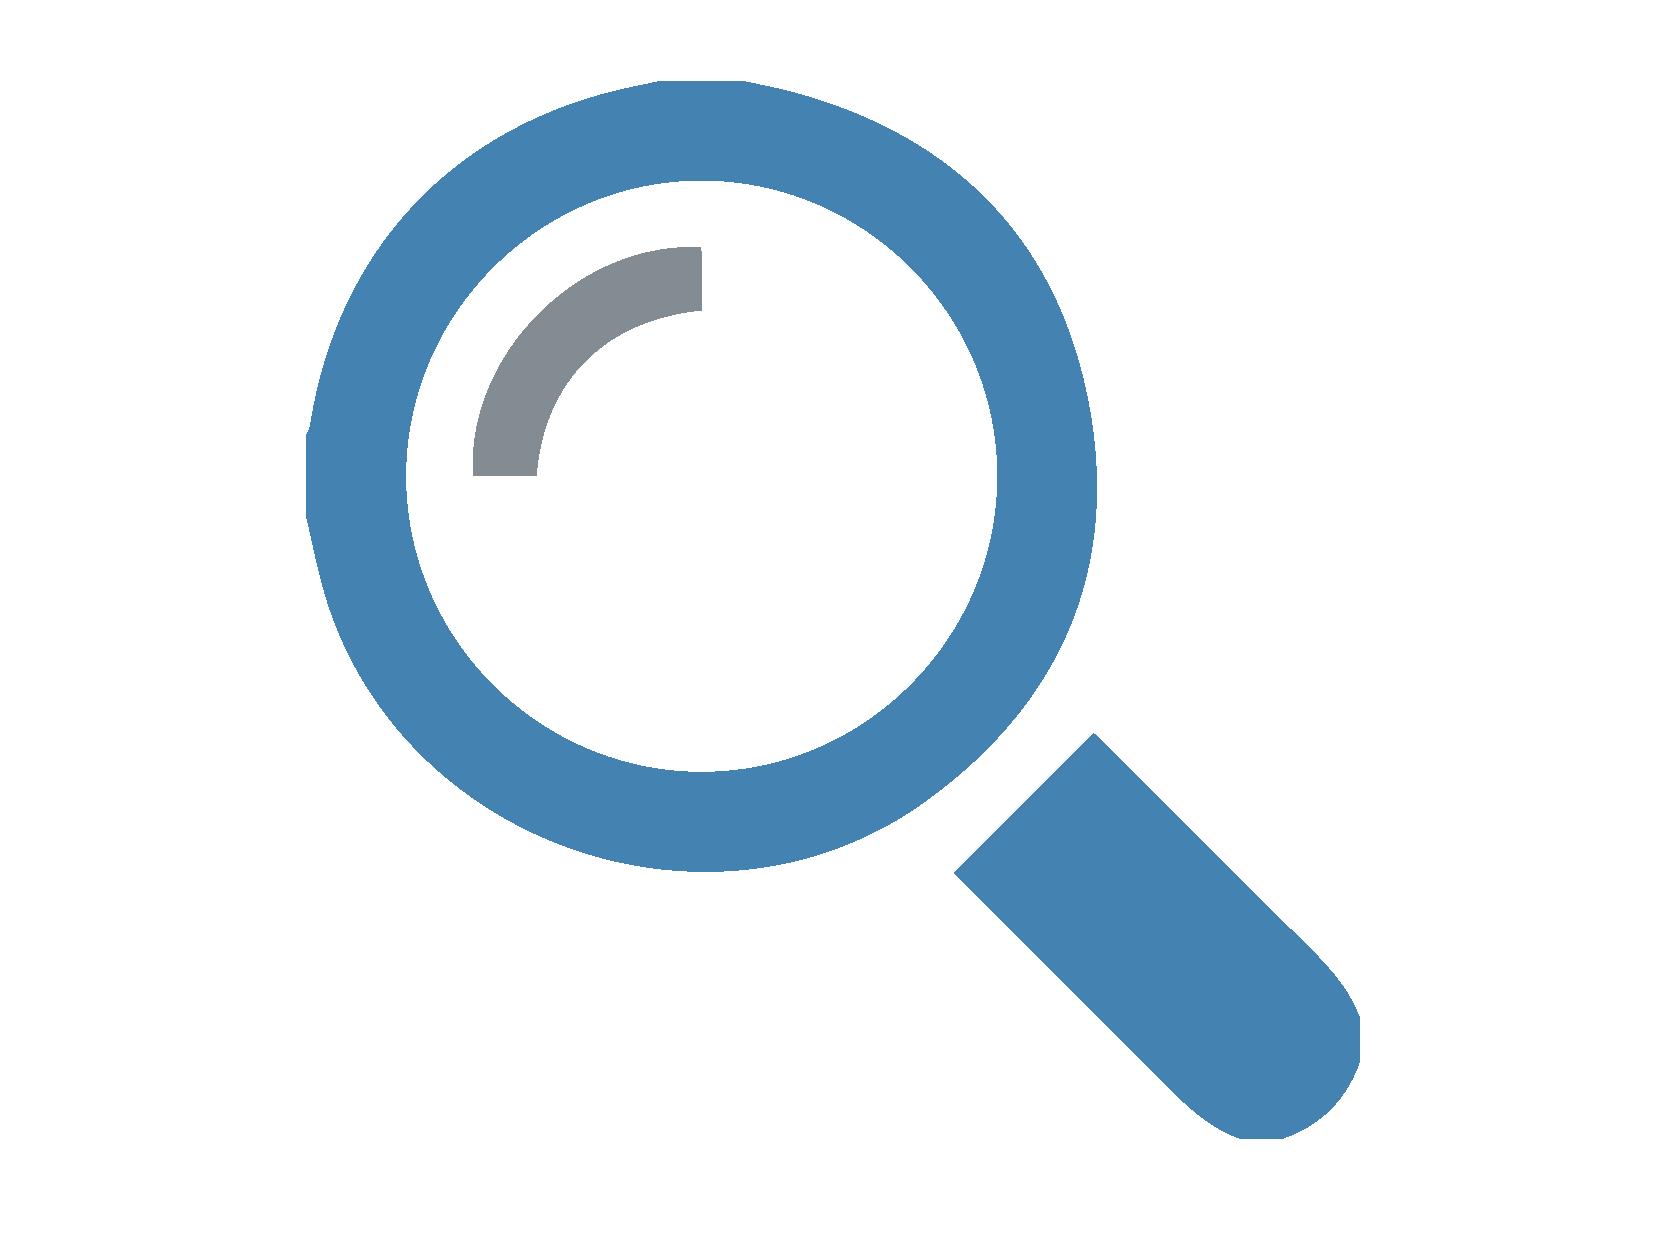 Logo Finder Png.